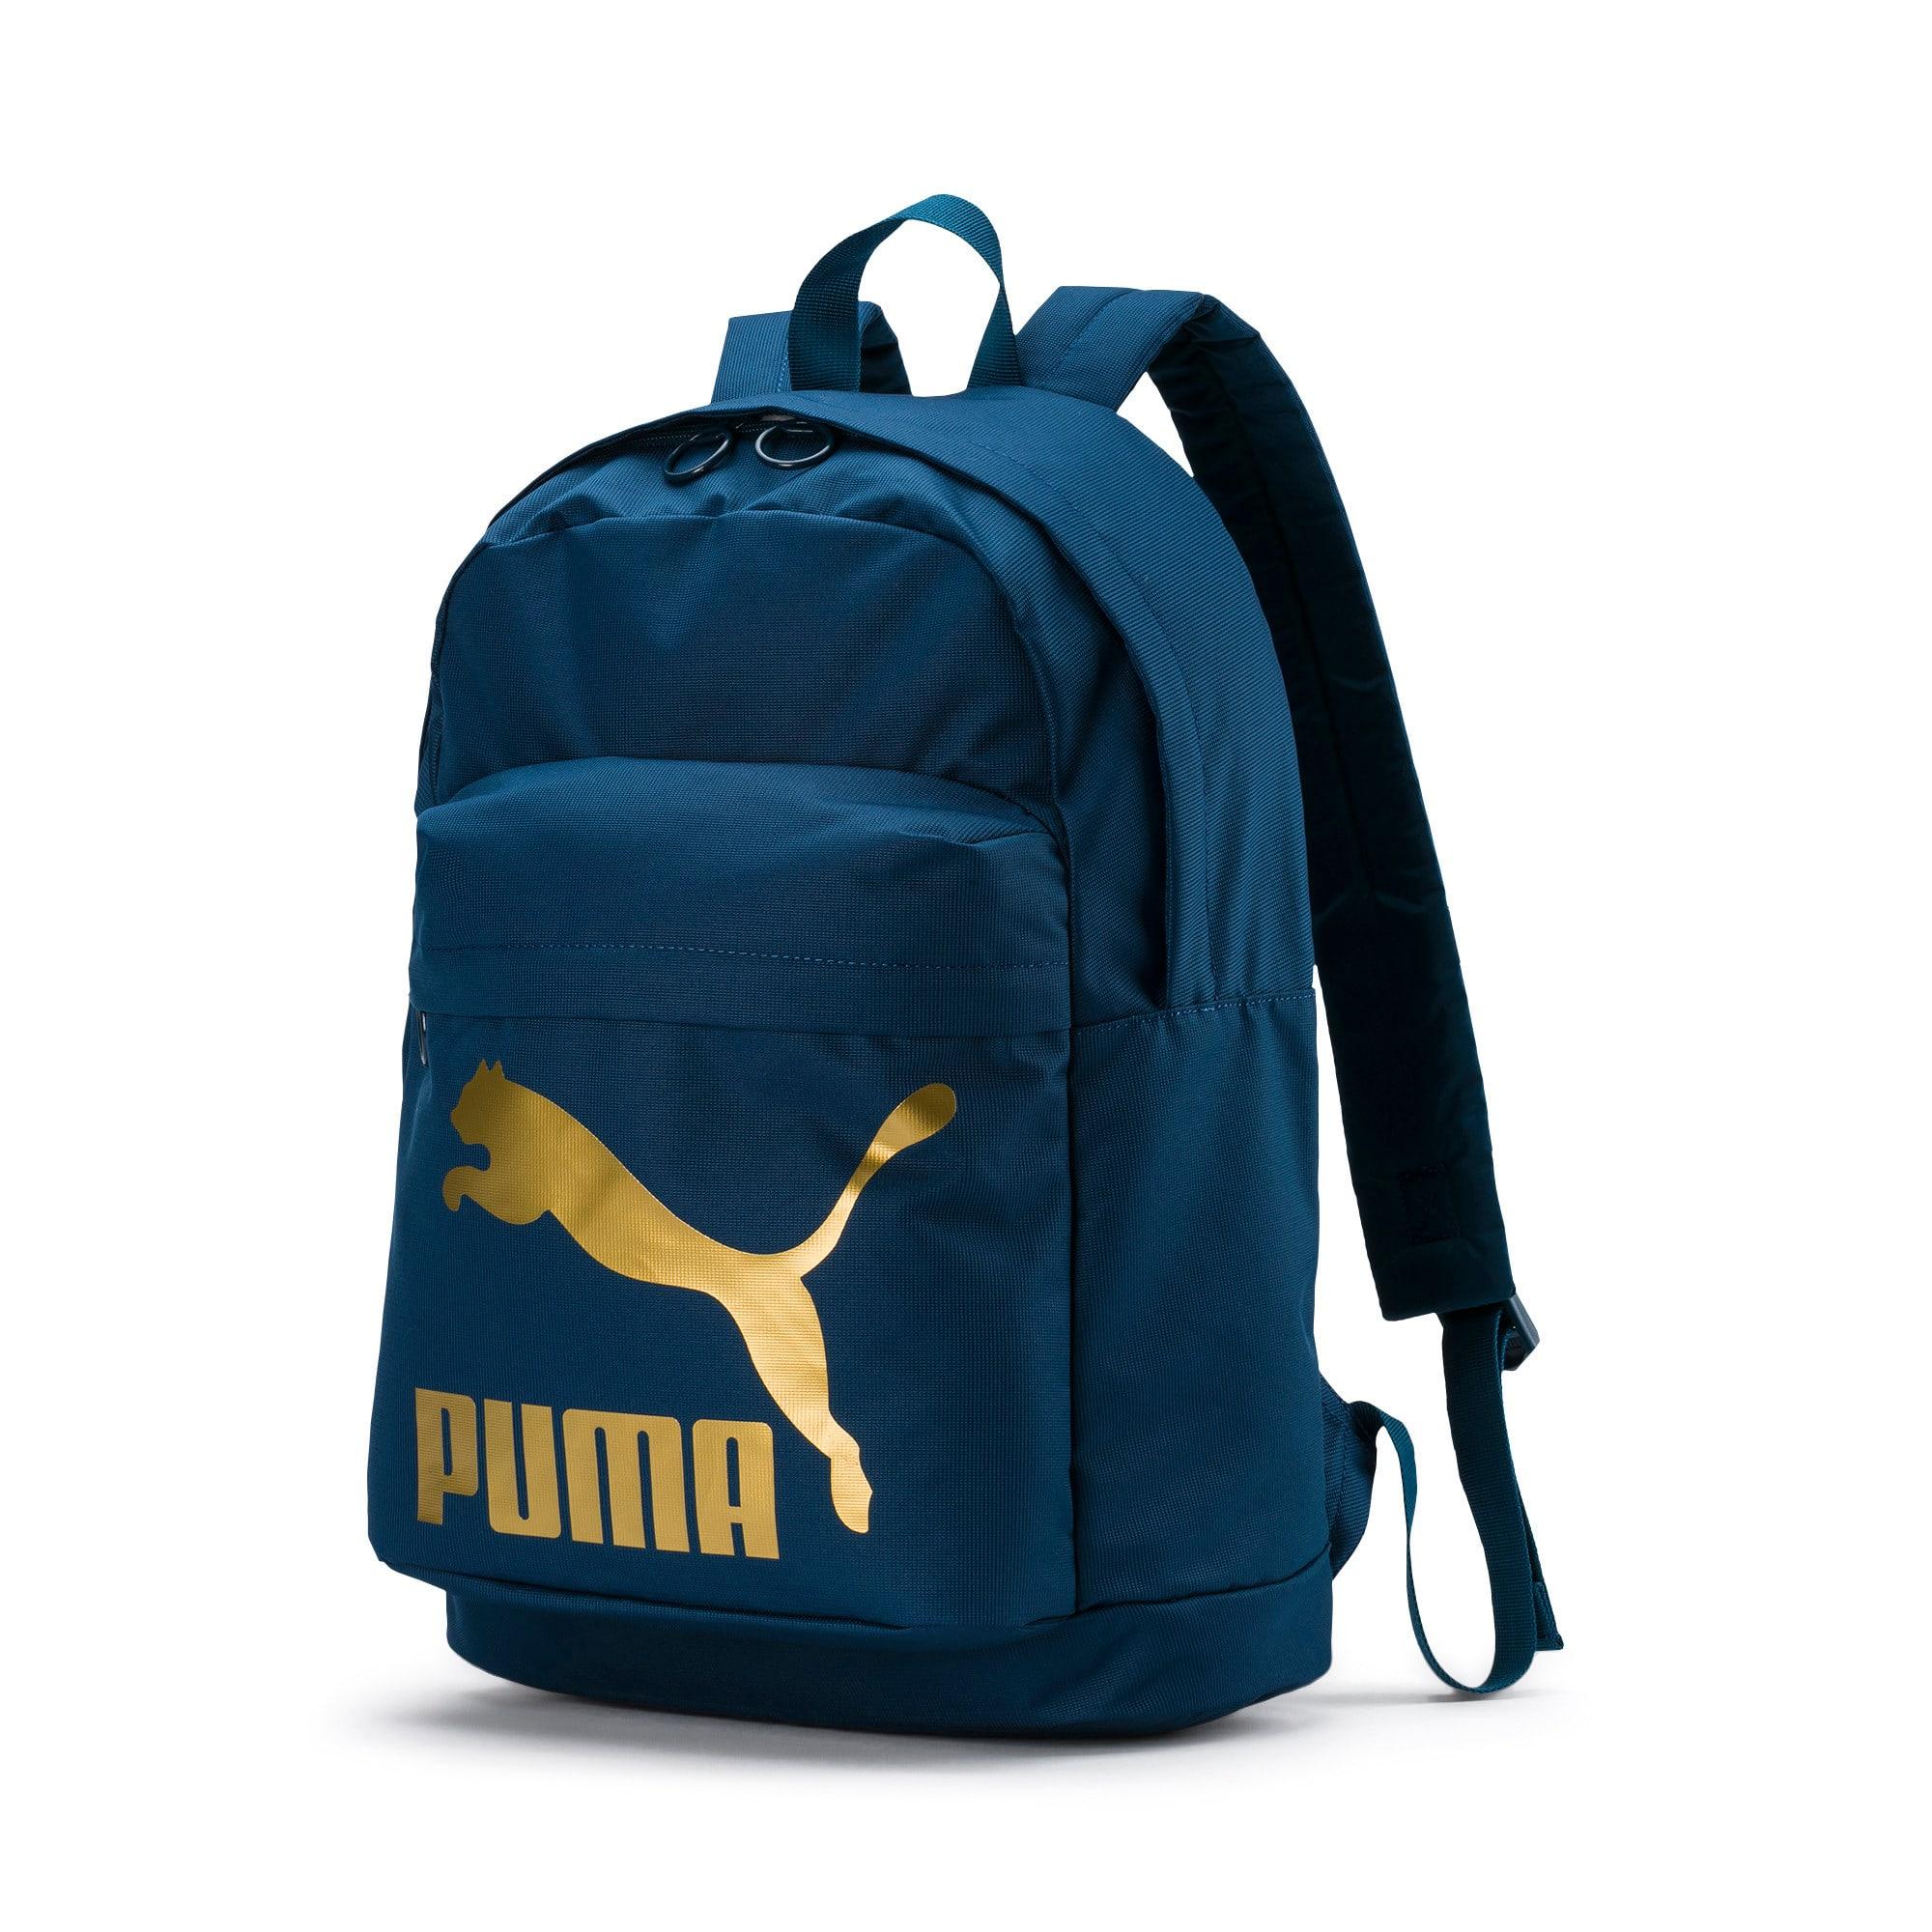 Originals Backpack | PUMA